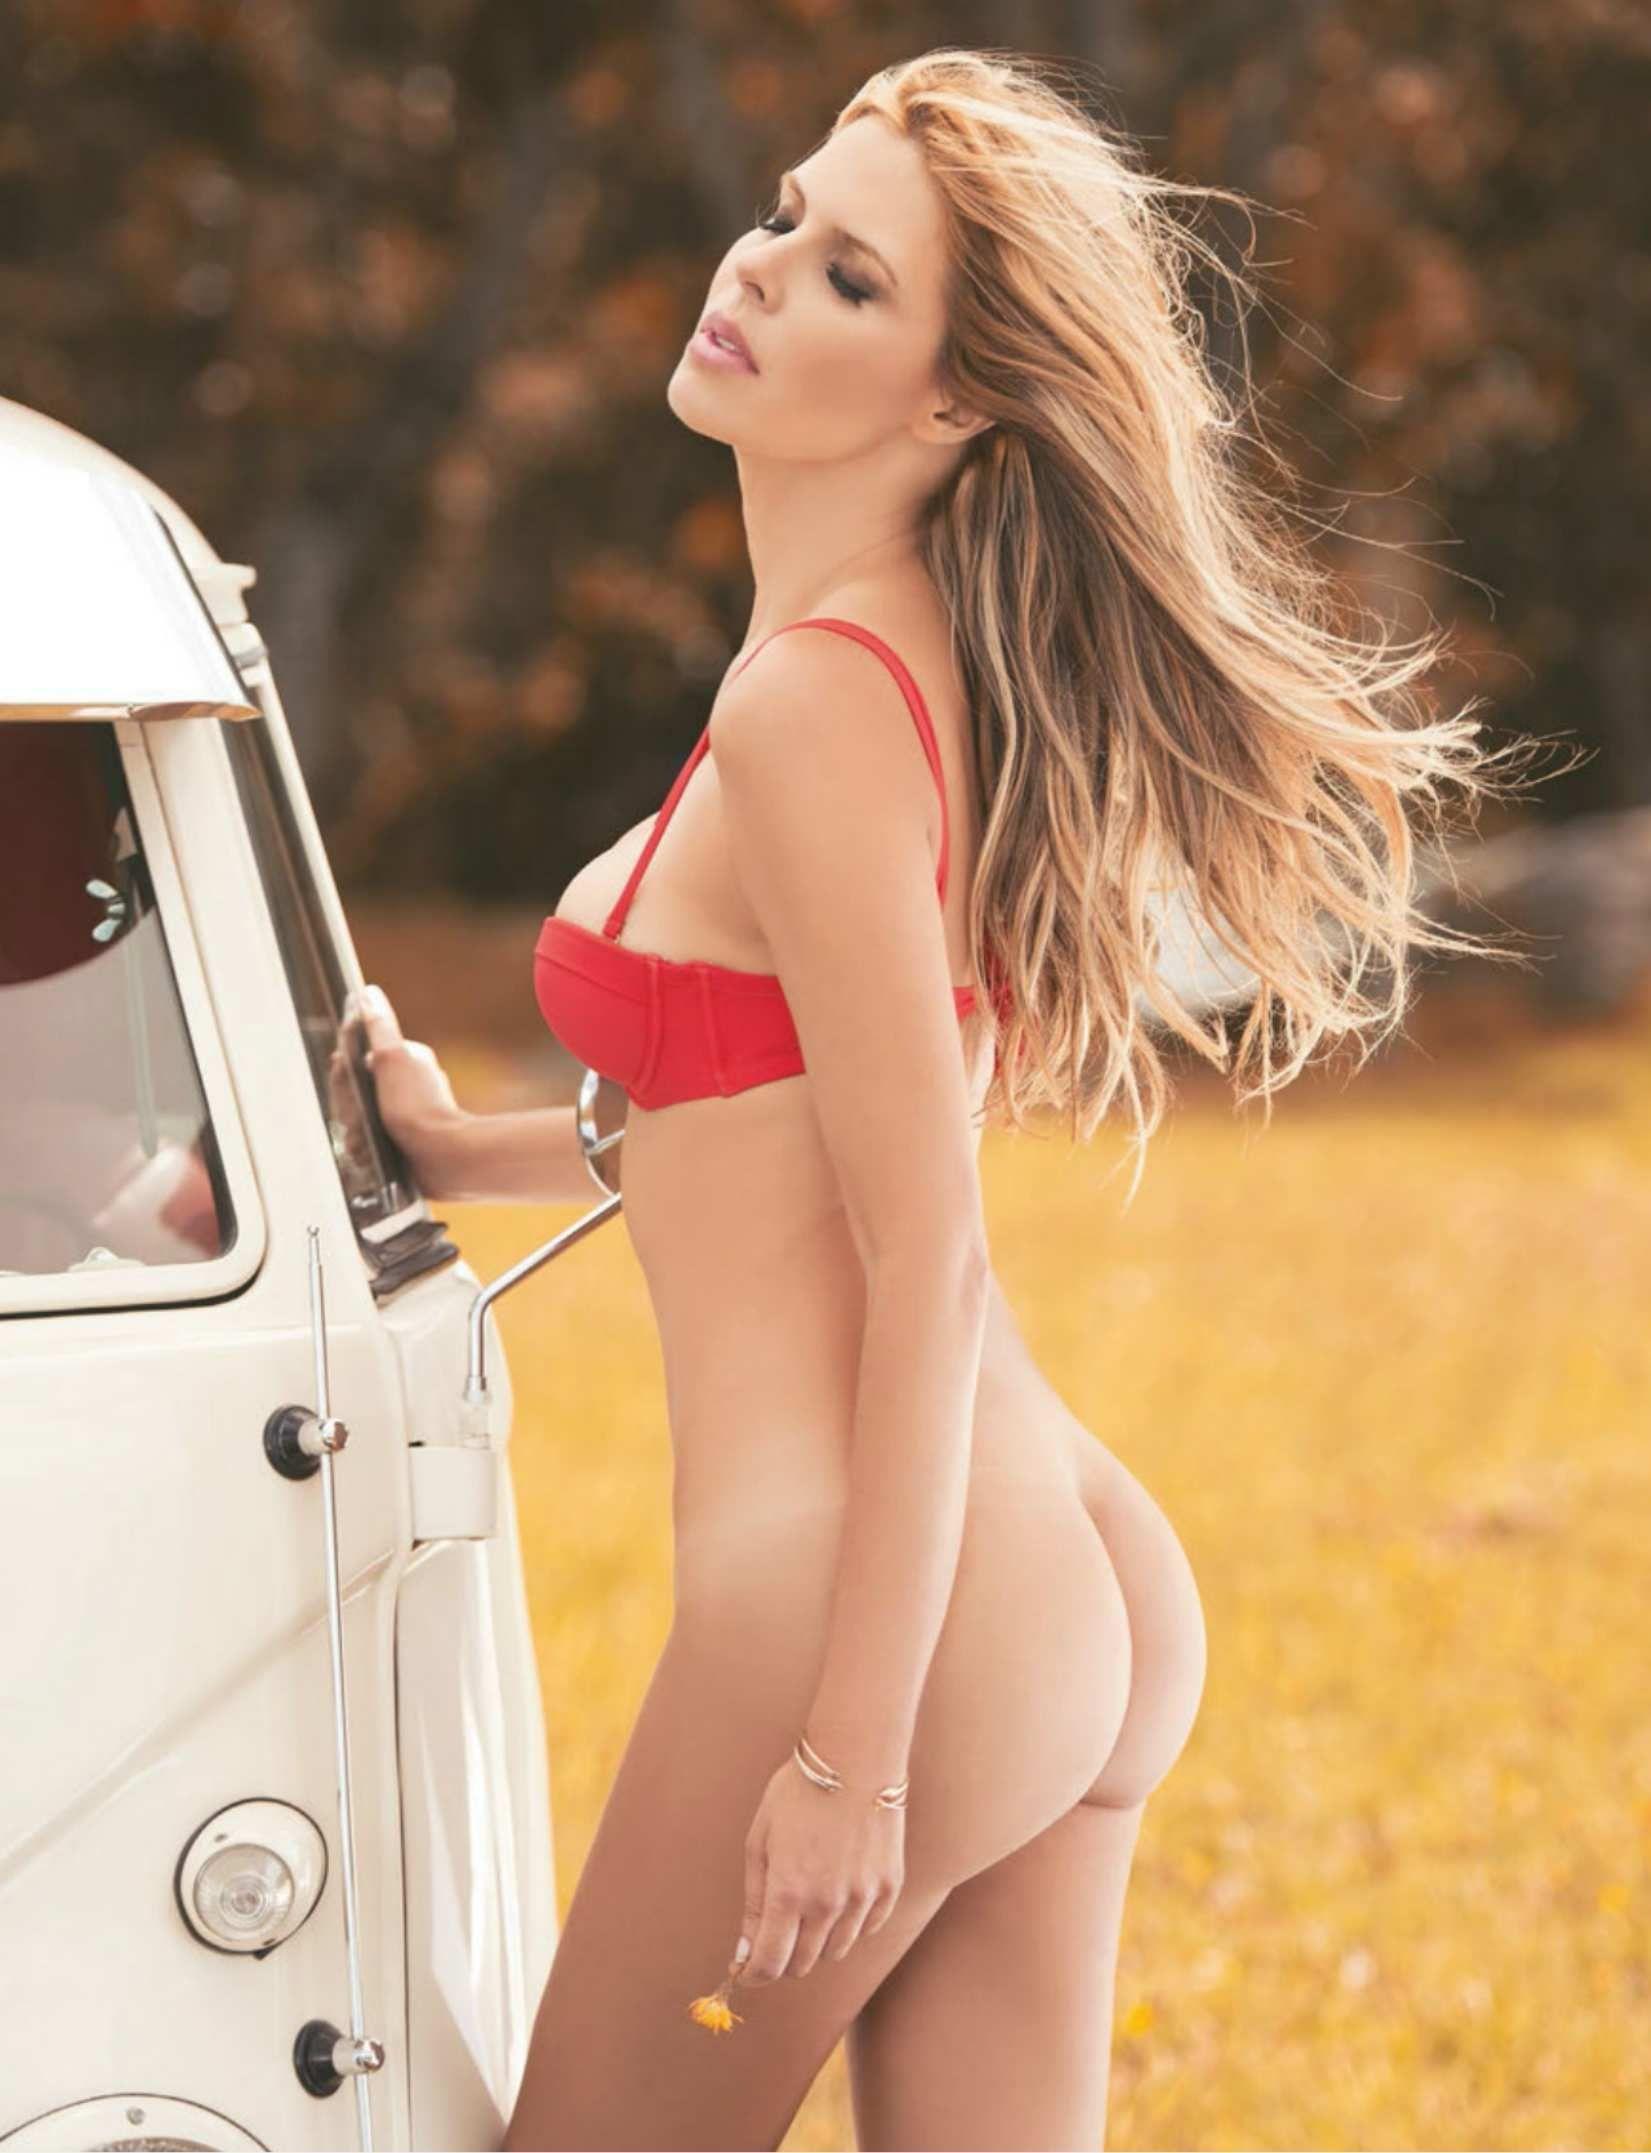 Claudia-Perlwitz-Nude-5